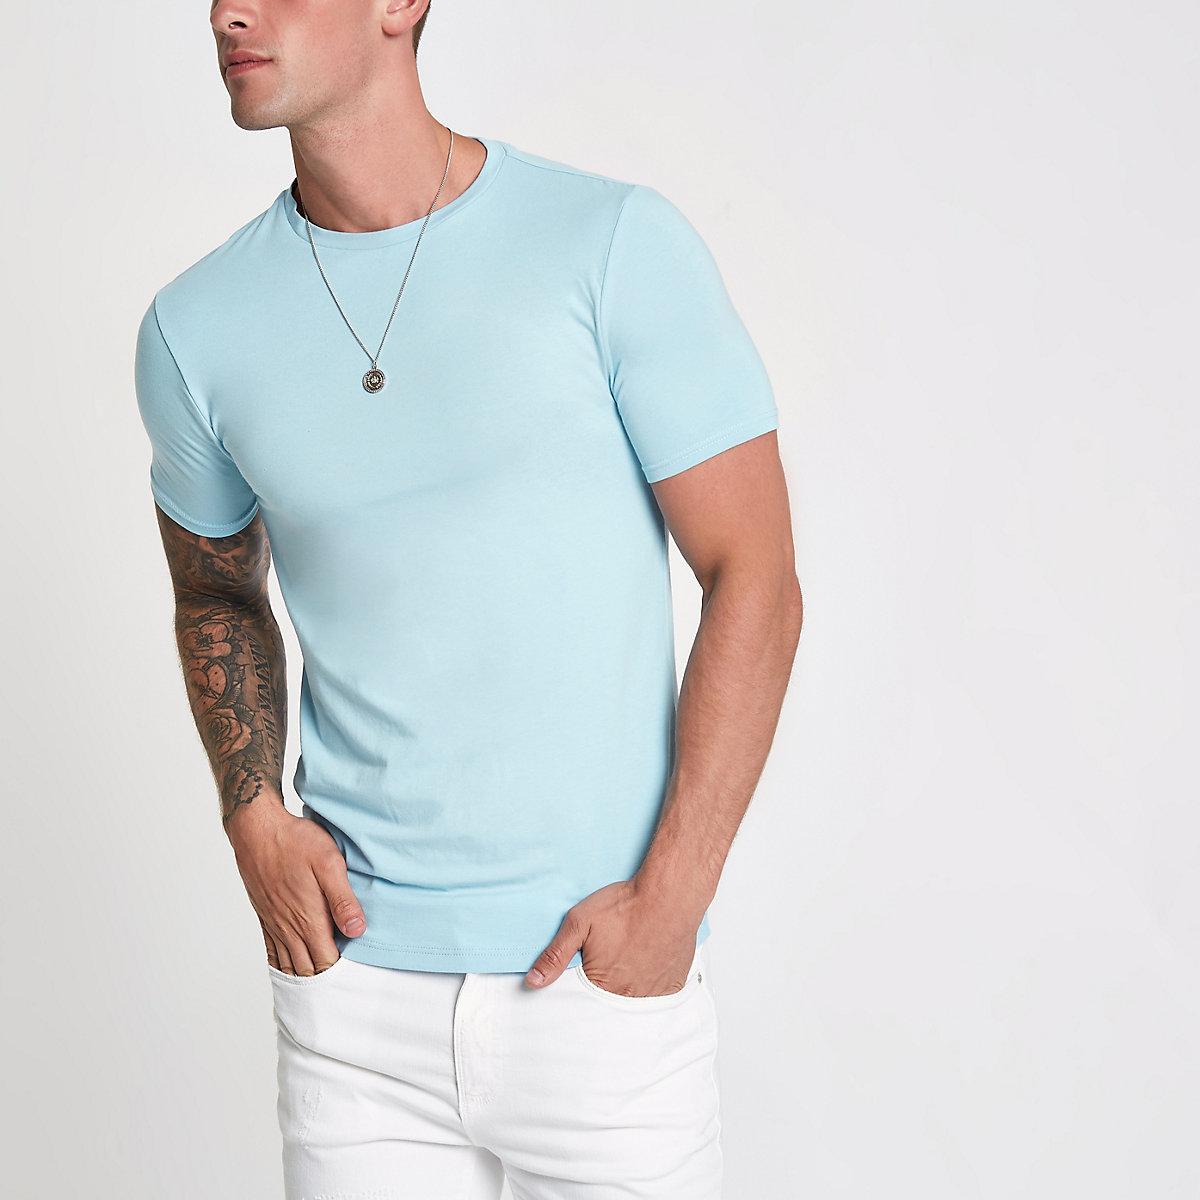 Light blue muscle fit short sleeve T-shirt